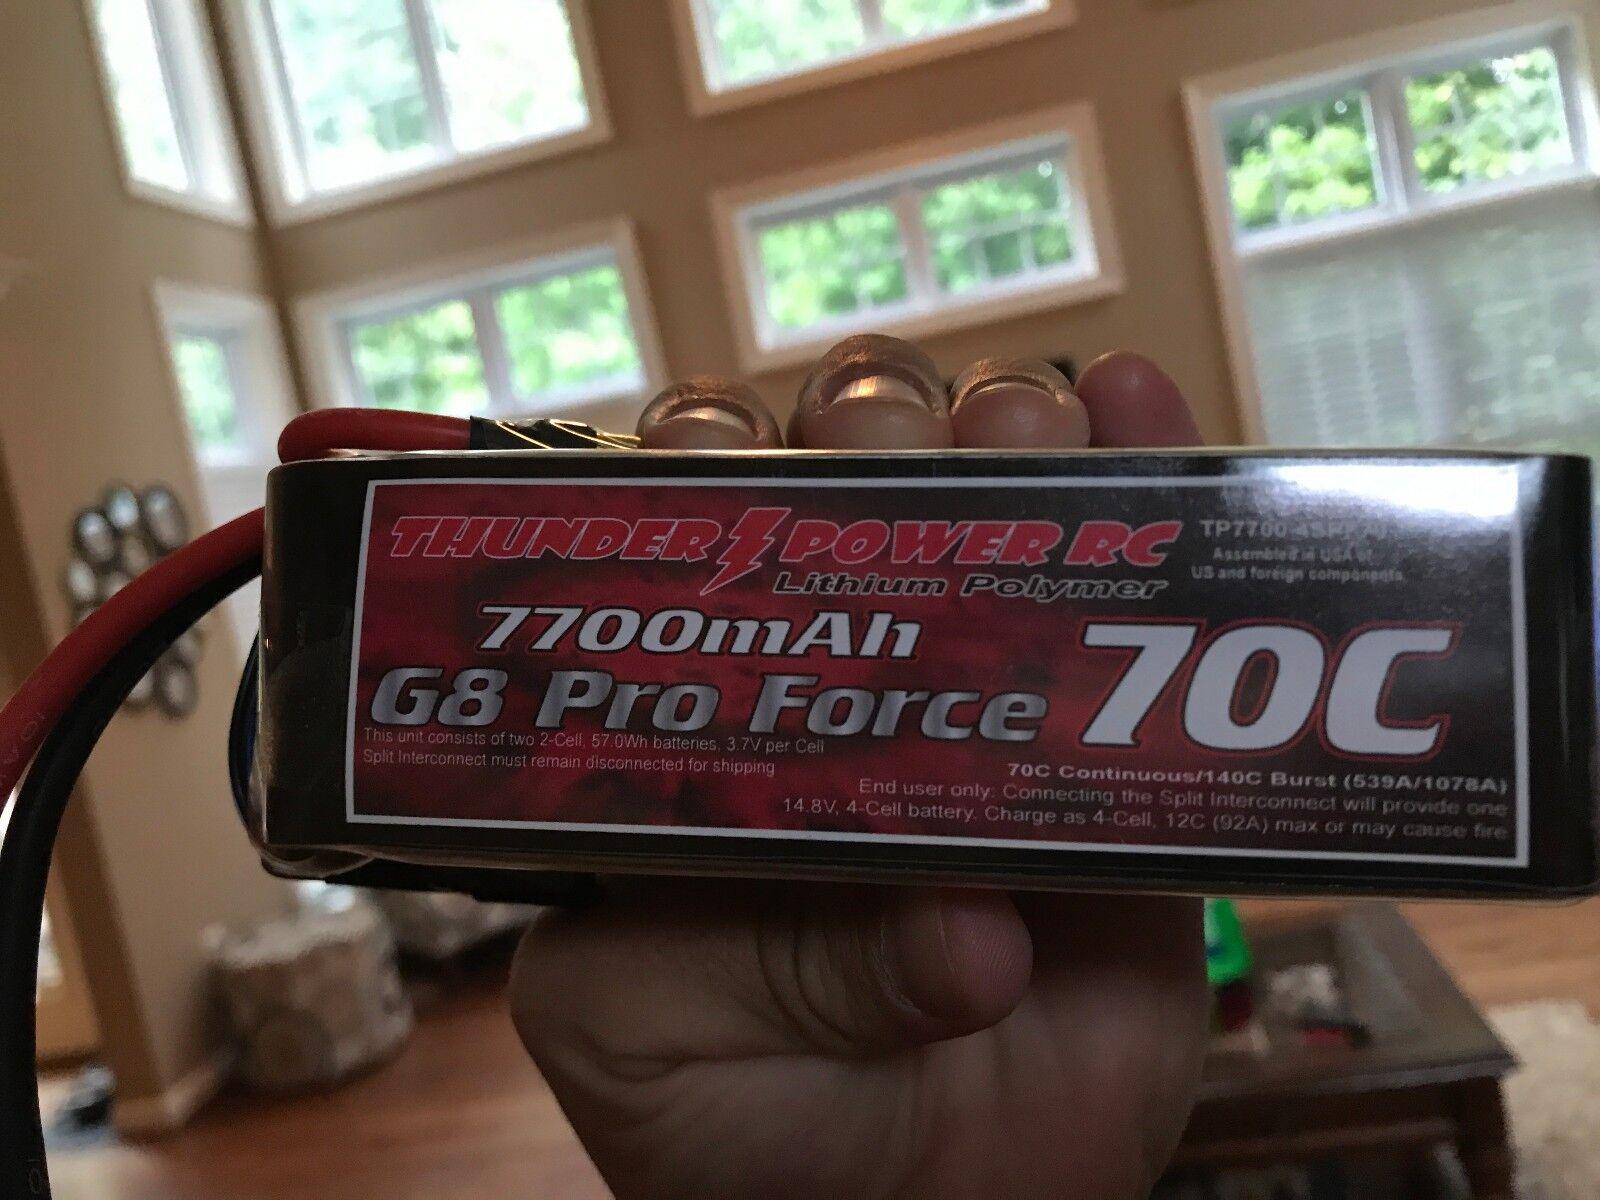 Donner tiger 7700mah g8 - profi macht 70 4s 14.8v lipo akkus